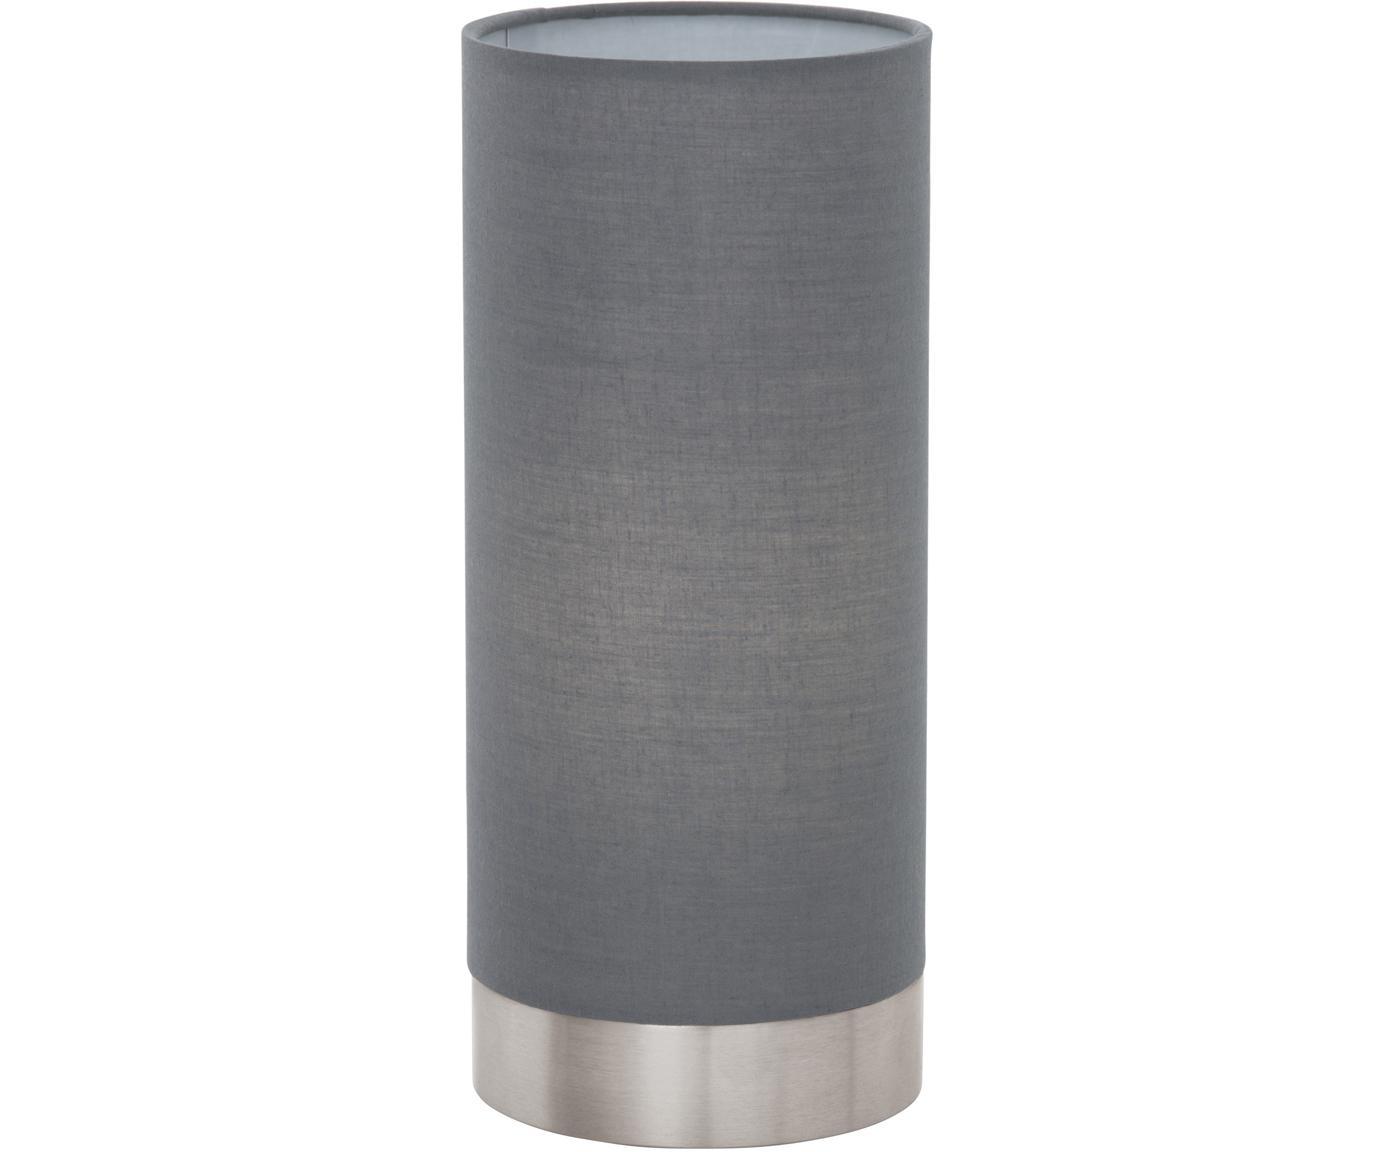 Dimmbare Tischleuchte Pasteri, Lampenschirm: Polyester, Lampenfuß: Stahl, vernickelt, Grau, Weiß, Ø 12 x H 26 cm